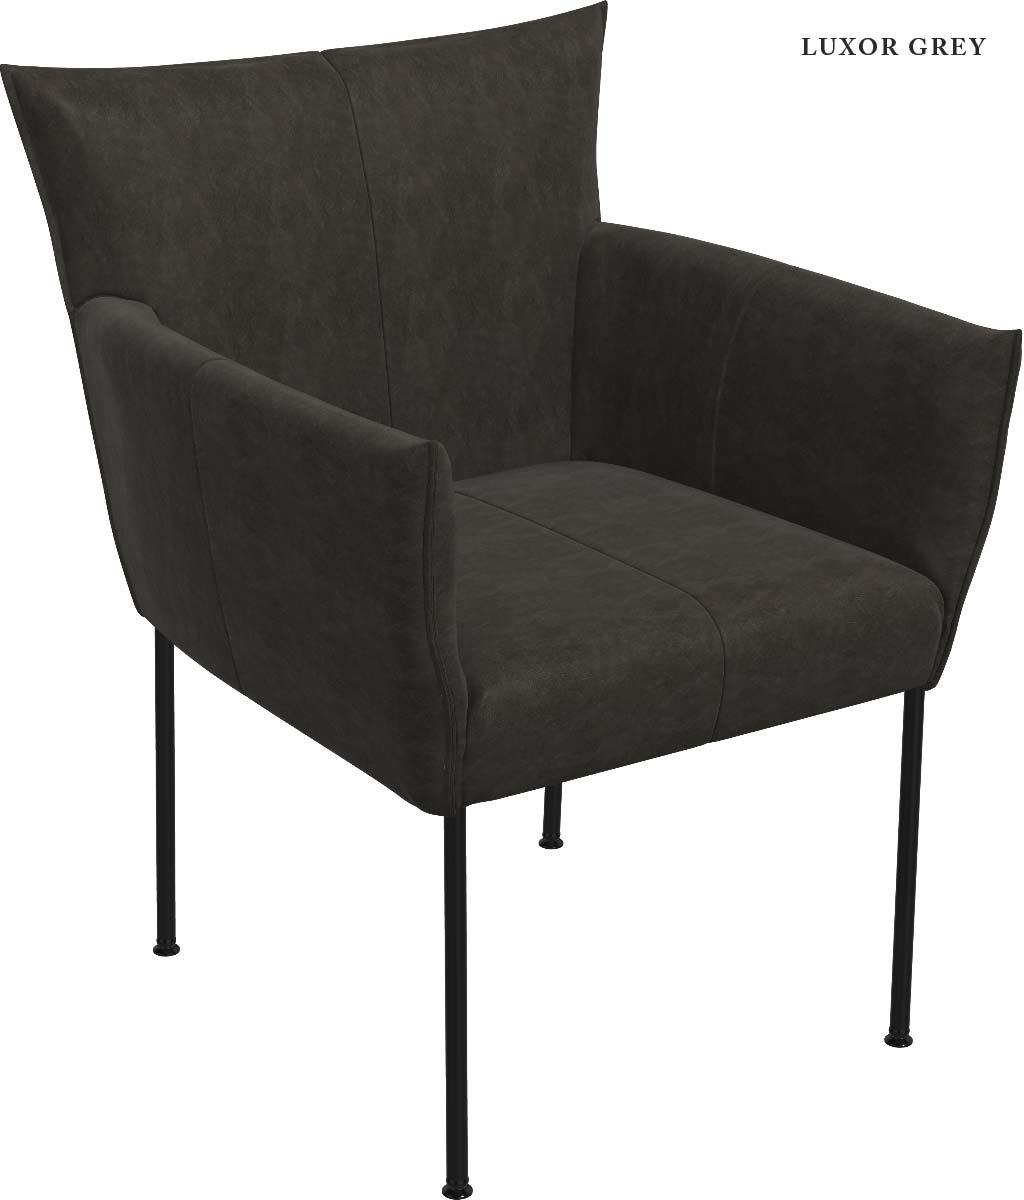 jess-design-stuhl-forward-forza-luxor-grey-lichtraum24